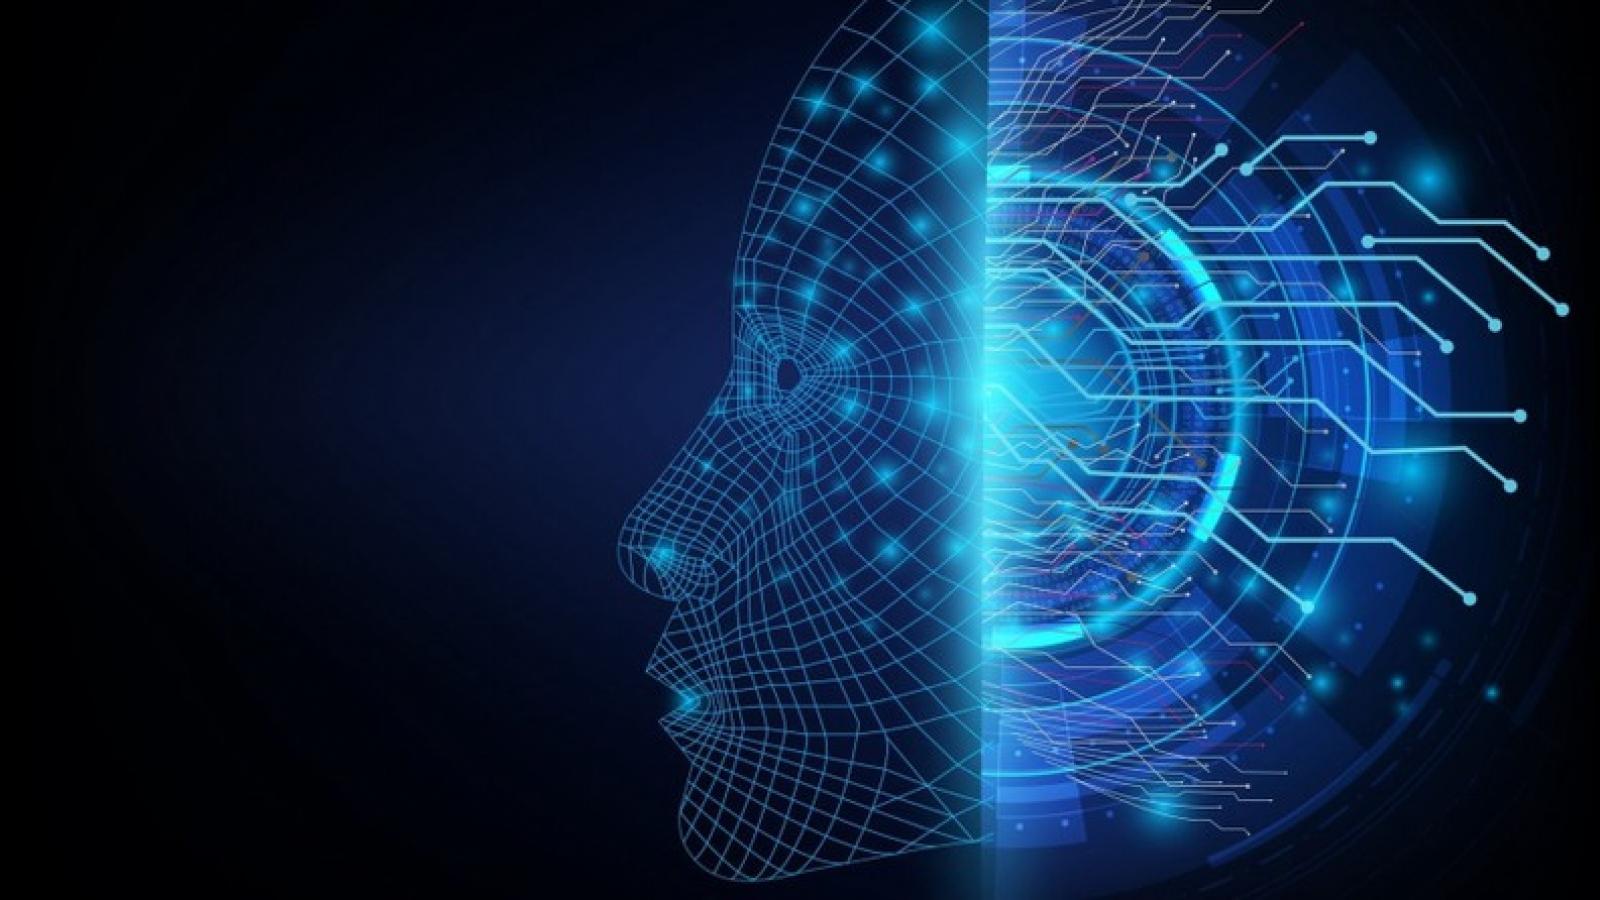 Mỹ đầu tư 1 tỷ USD phát triển trí thông minh nhân tạo